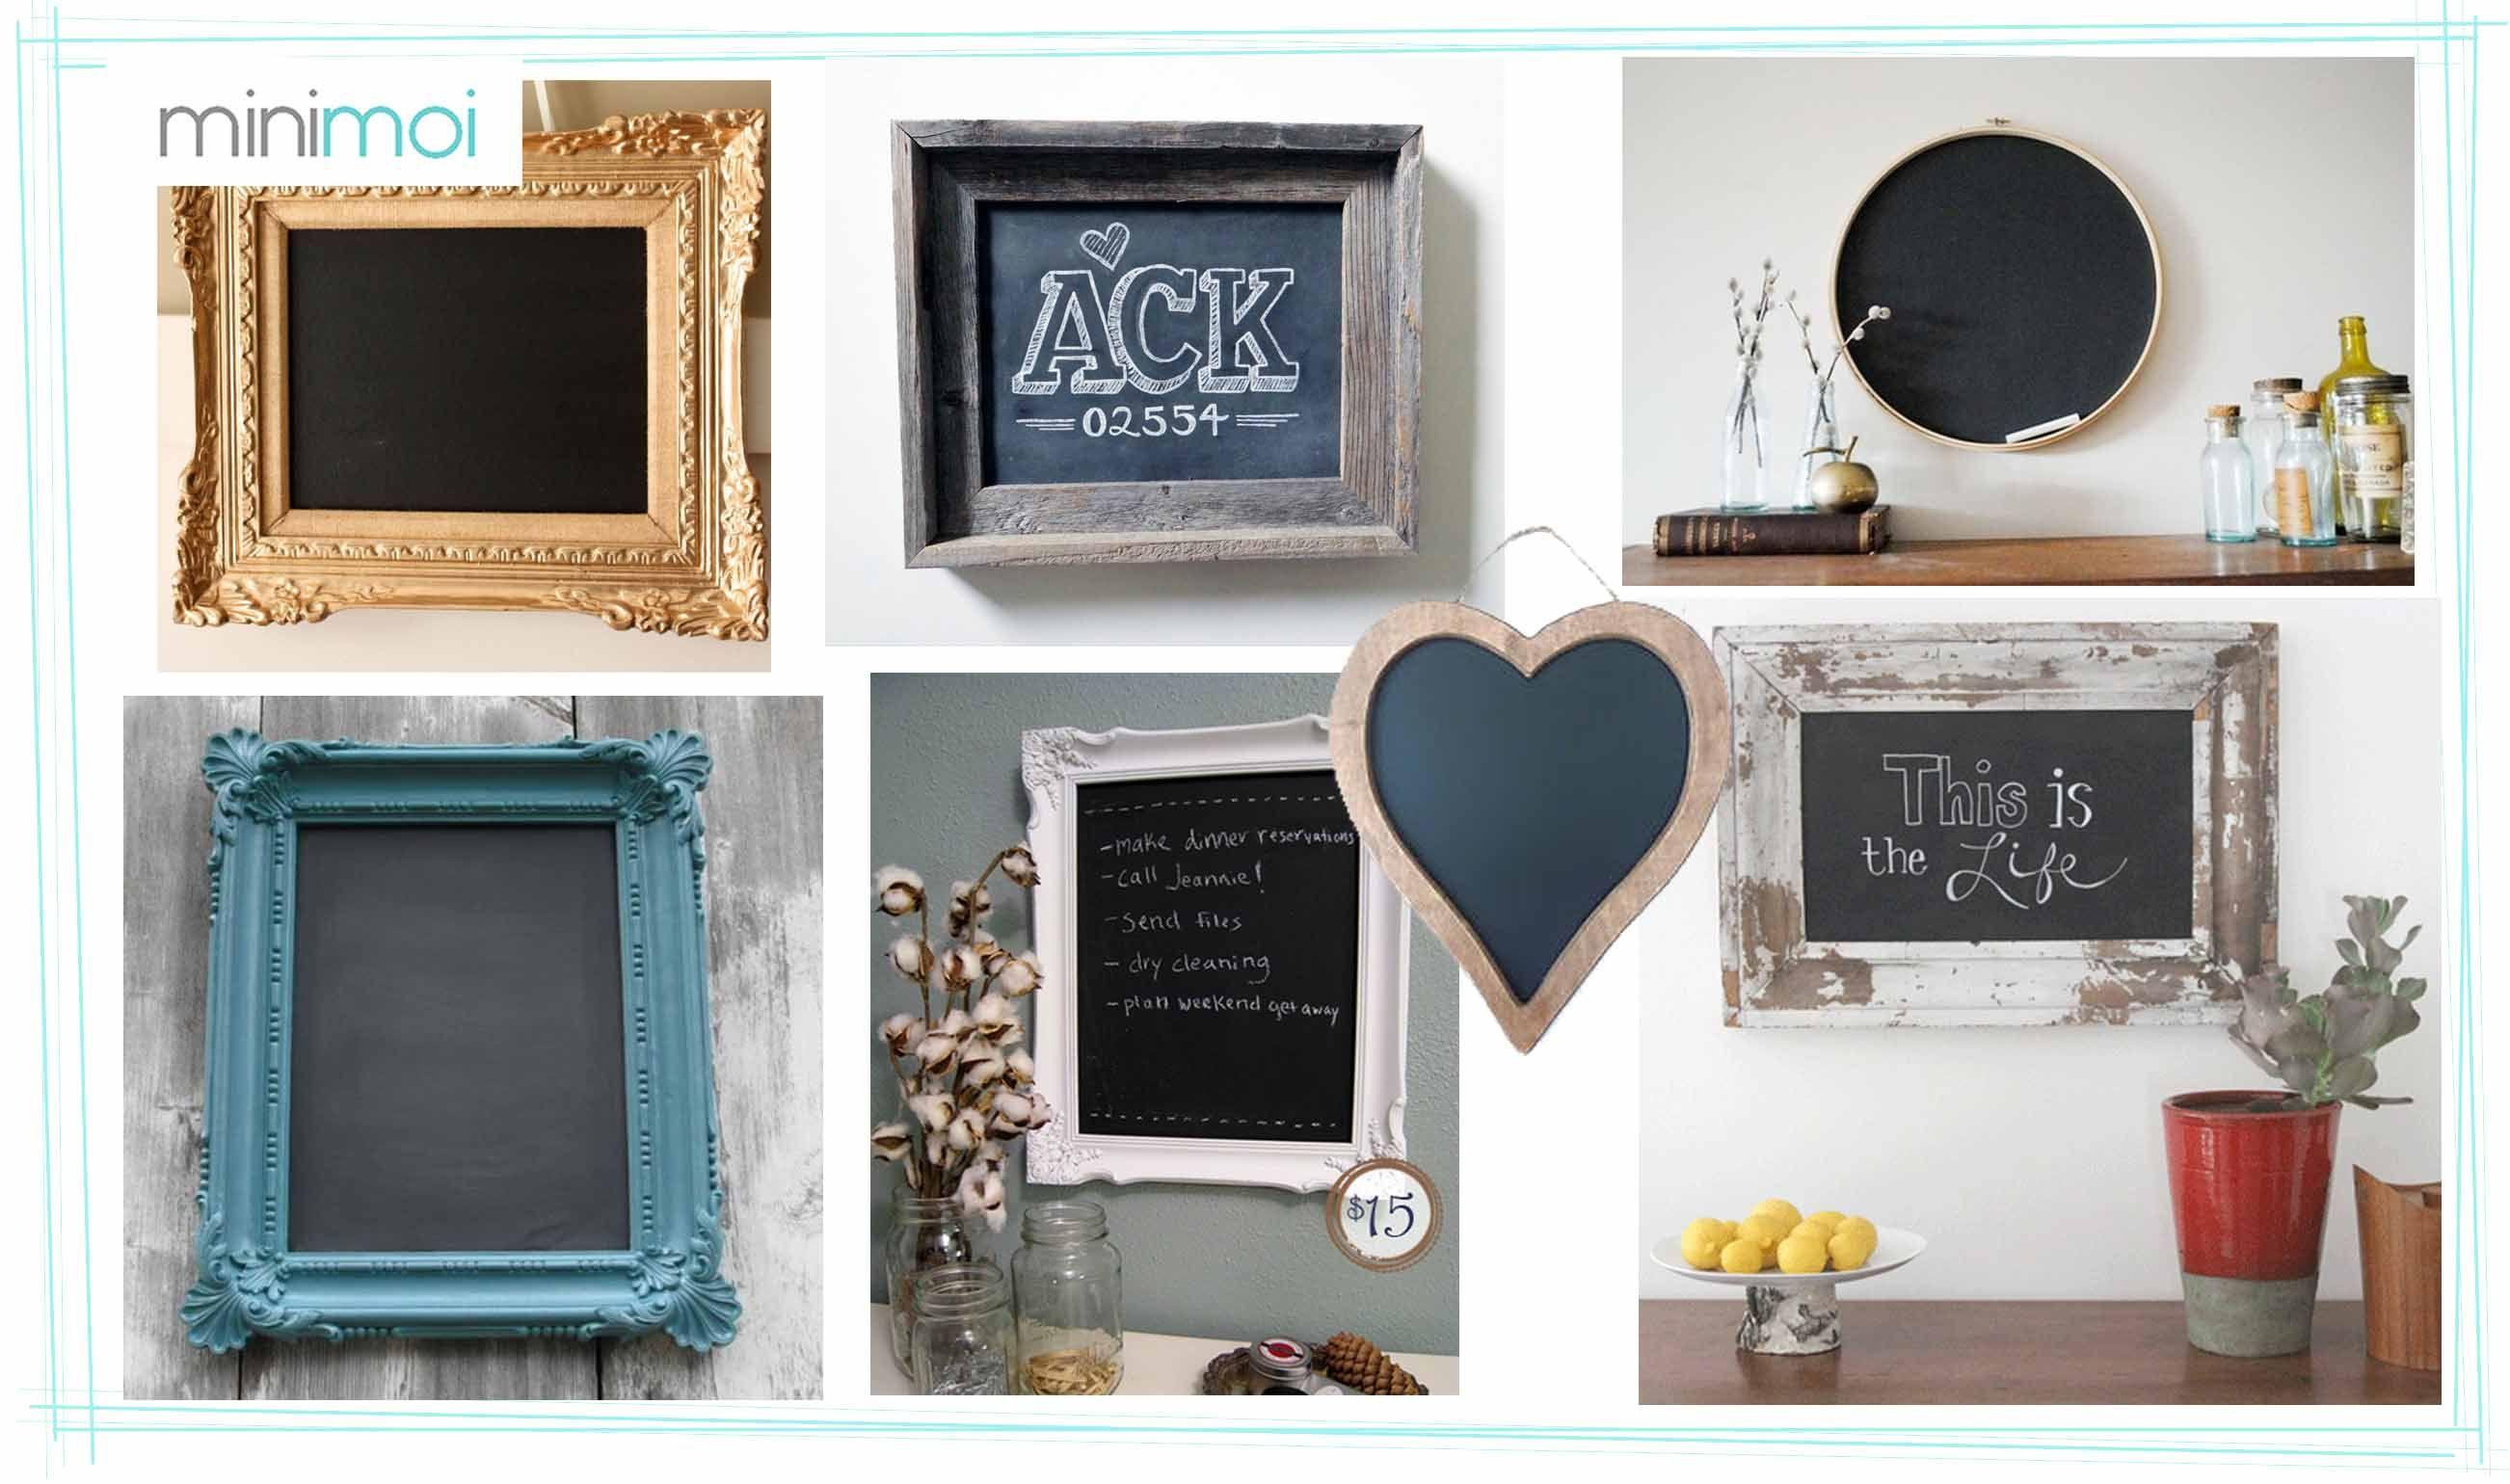 pizarra marco bonito Archivos - Minimoi | pintura tiza | Pinterest ...